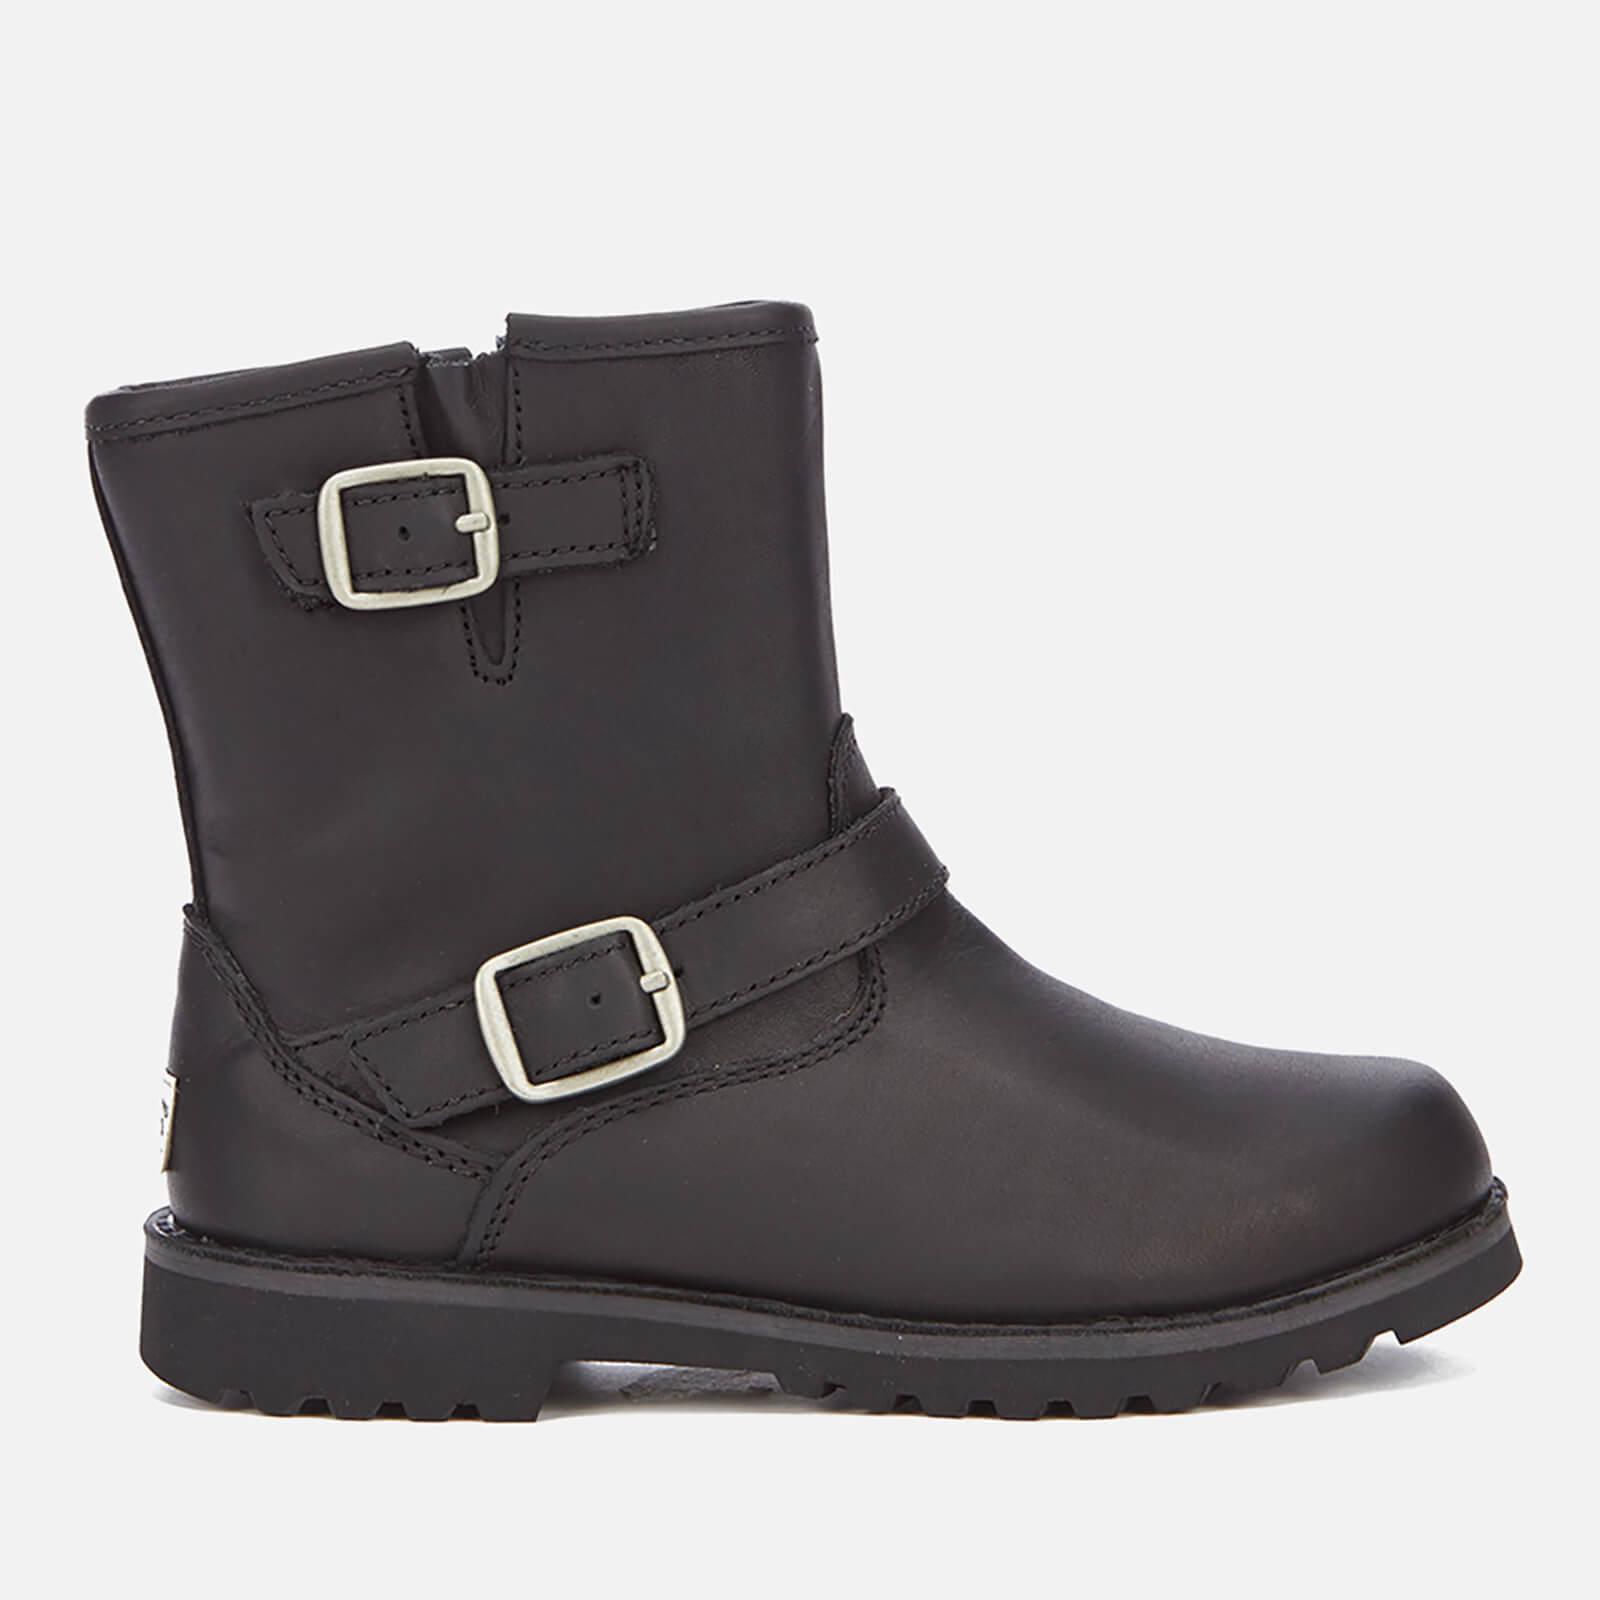 d04d394480d UGG Kids' Harwell Leather Biker Boots - Black